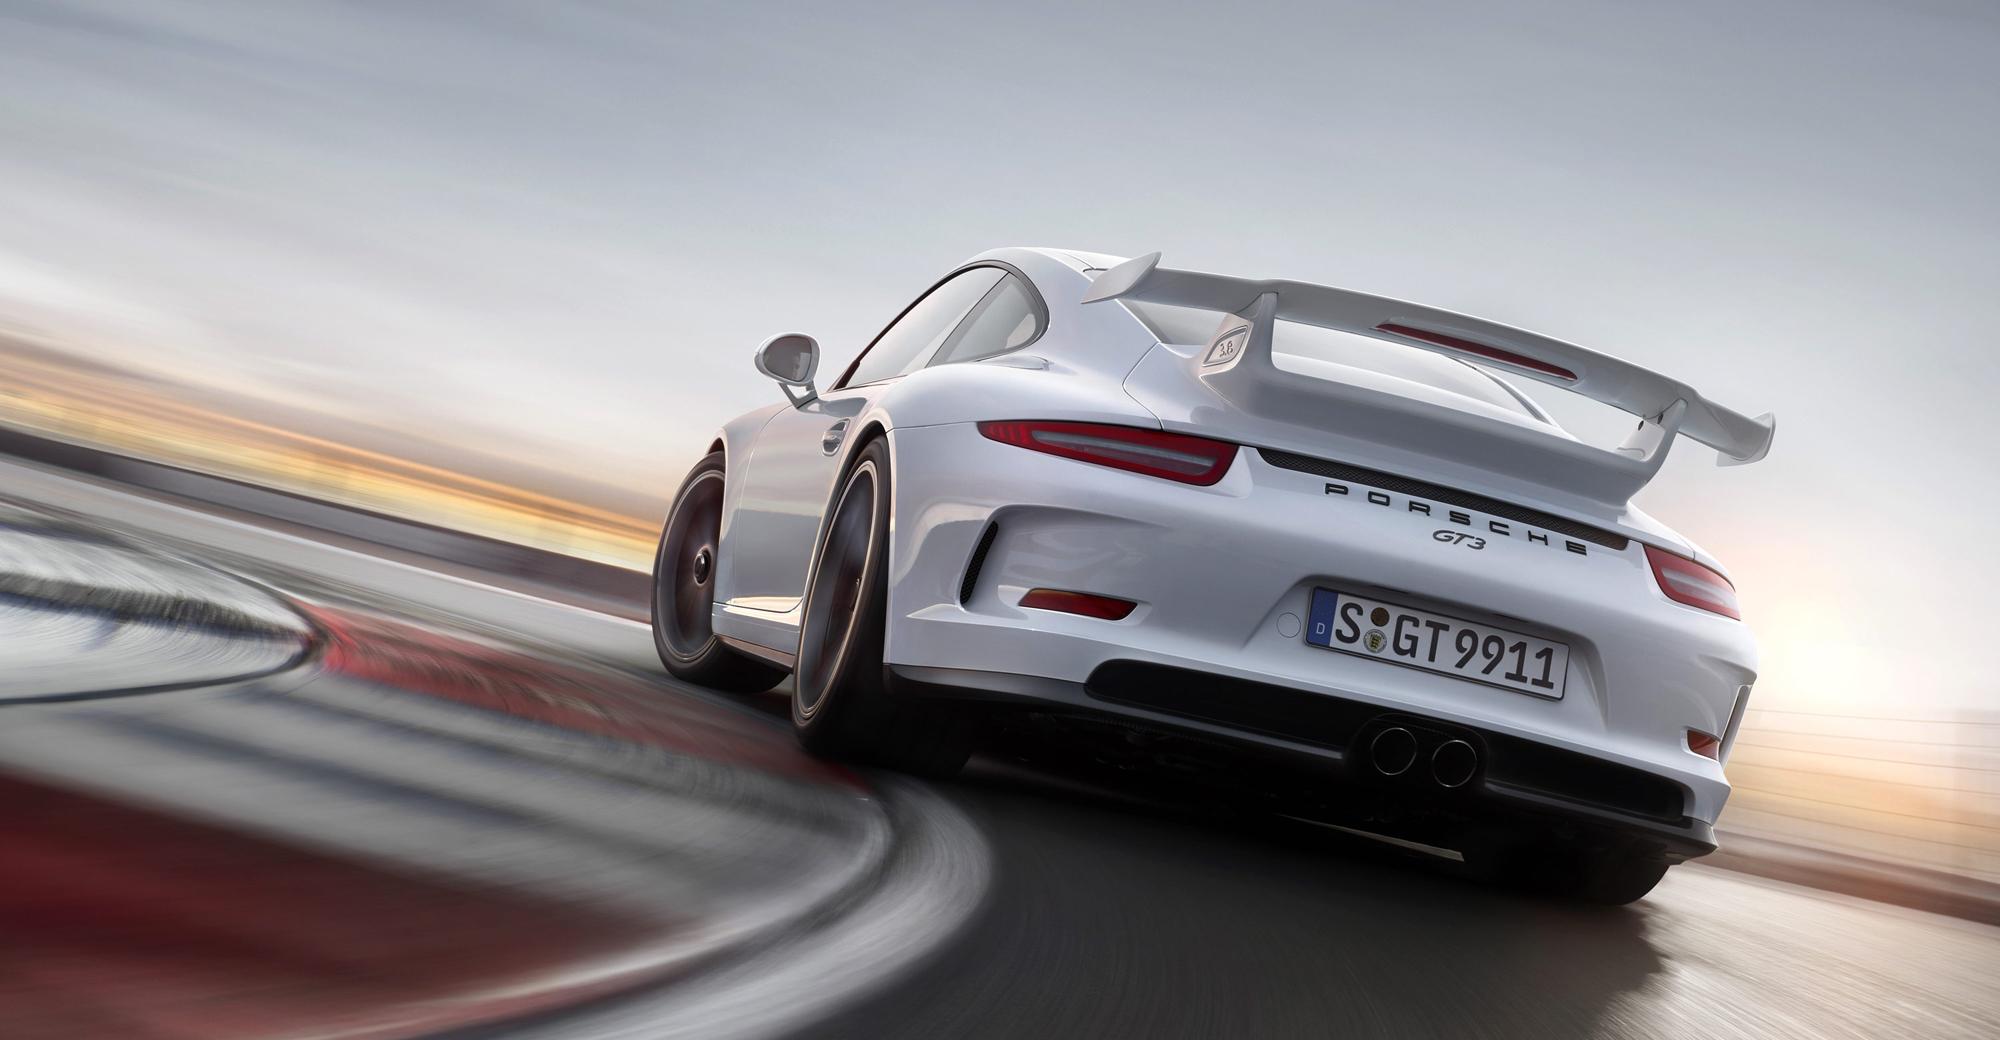 2014 Porsche 911 GT3 Wallpaper   HD 2000x1040